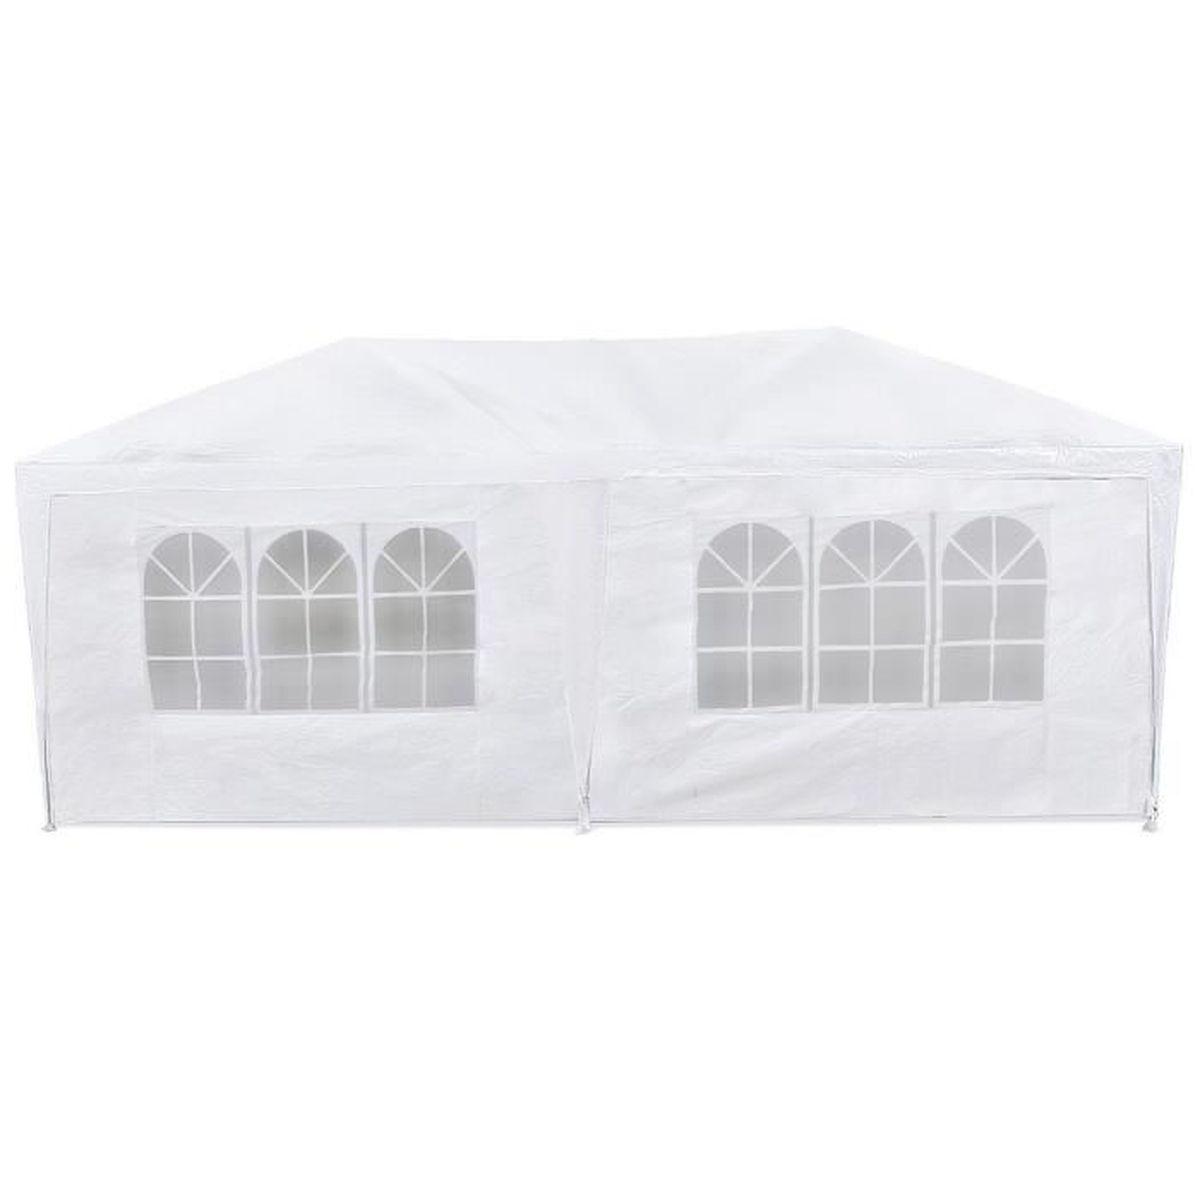 tente de r ception 3x6 blanche imperm able r siste au vent et aux rayons uv 99 achat. Black Bedroom Furniture Sets. Home Design Ideas